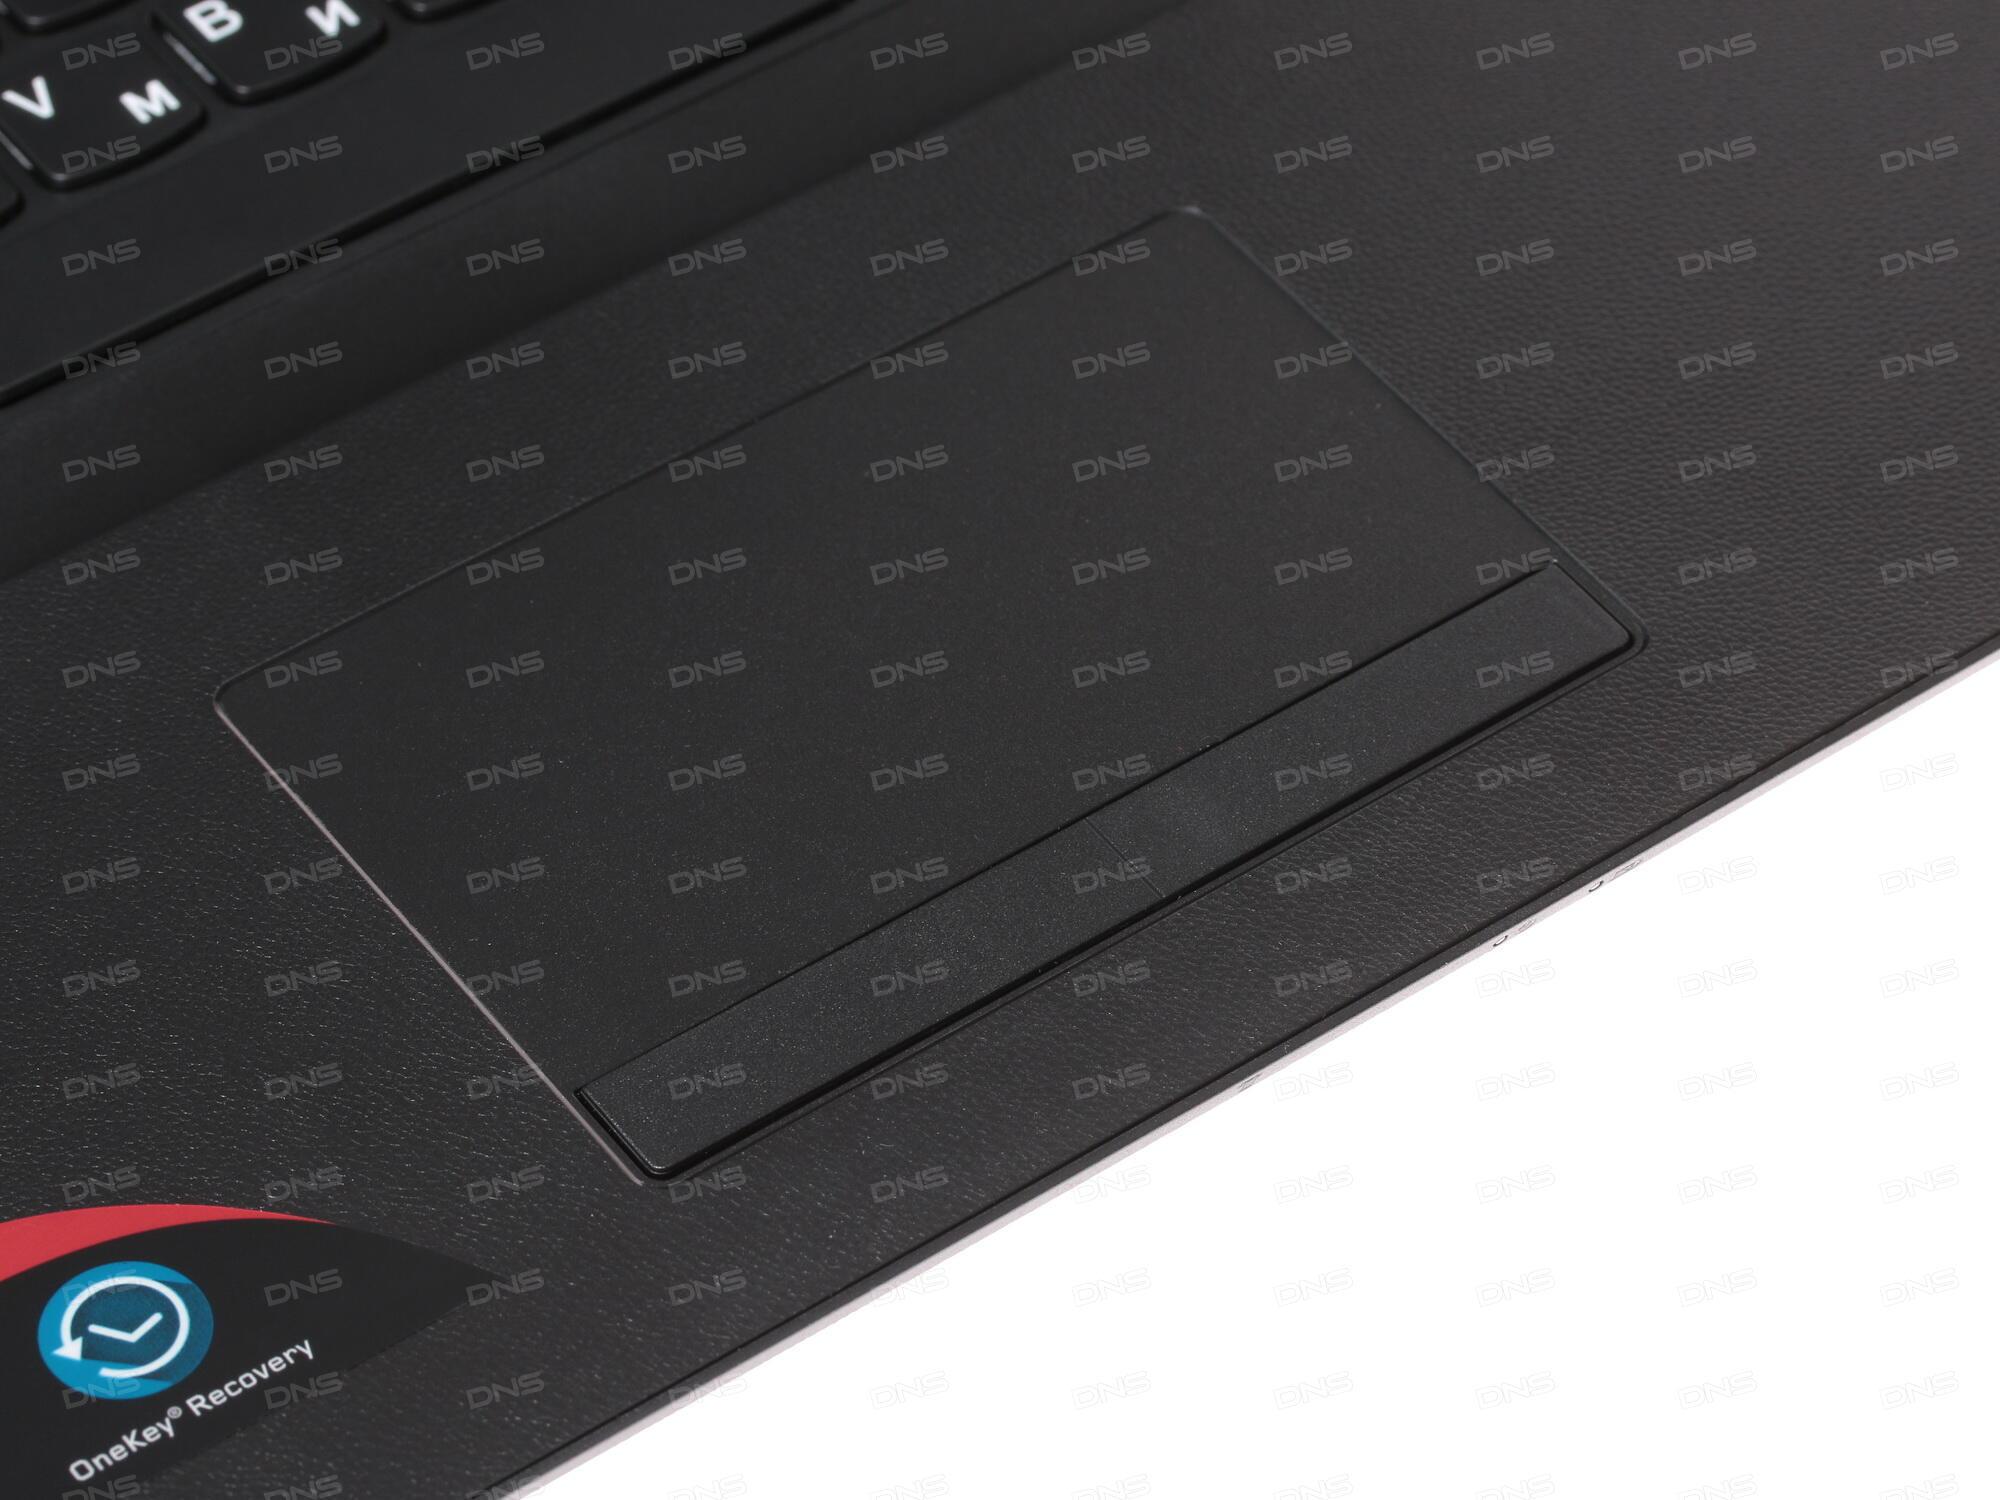 Ноутбук Lenovo 110-17ACL 80UM001XRK (AMD A6-7310 2.0 GHz/4096Mb/500Gb/No ODD/AMD Radeon R4/Wi-Fi/Bluetooth/Cam/17.3/1600x900/DOS)